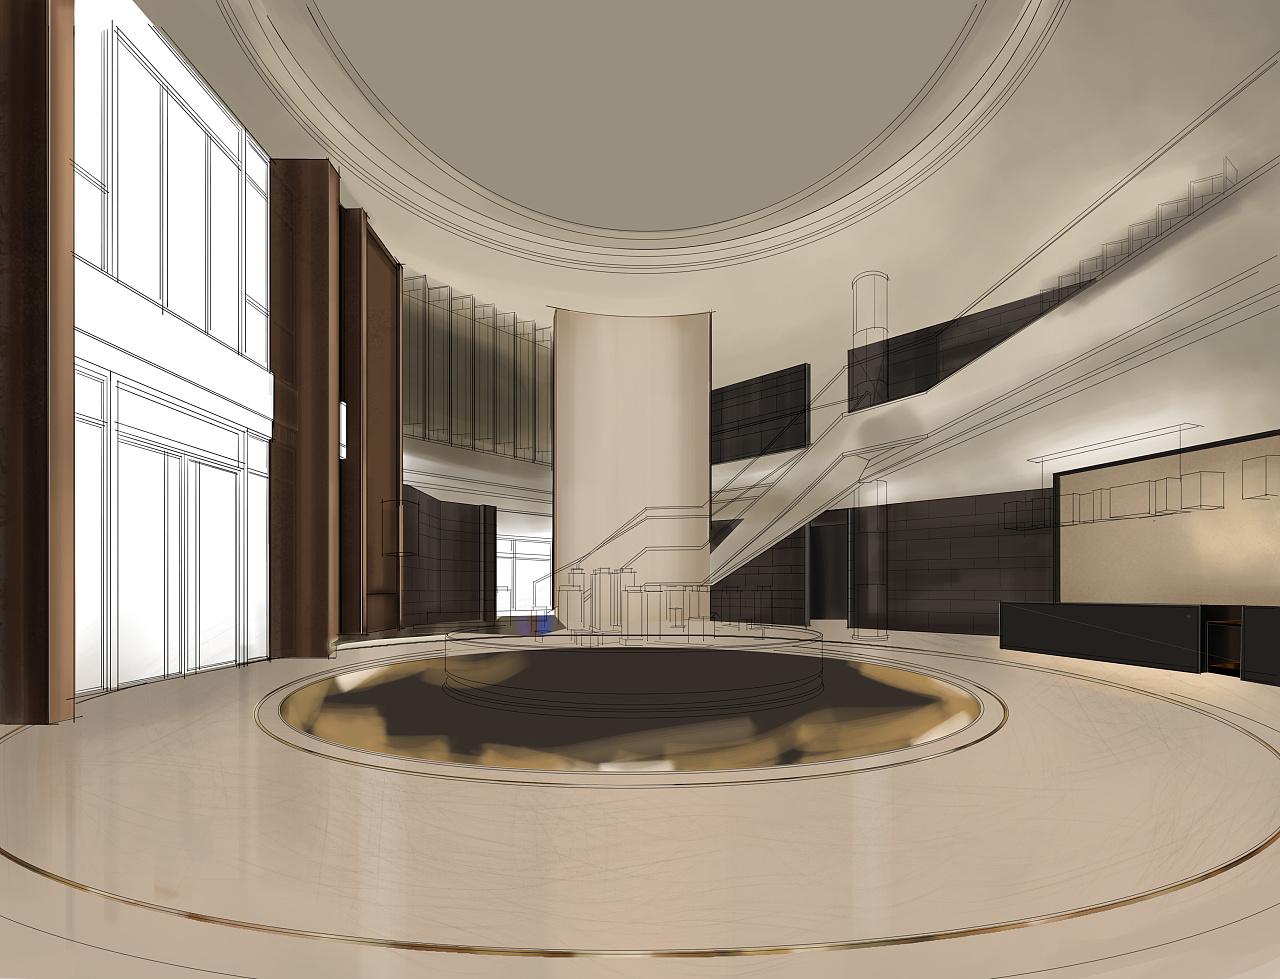 售楼部大堂(电脑手绘效果图)|空间|室内设计|a32号